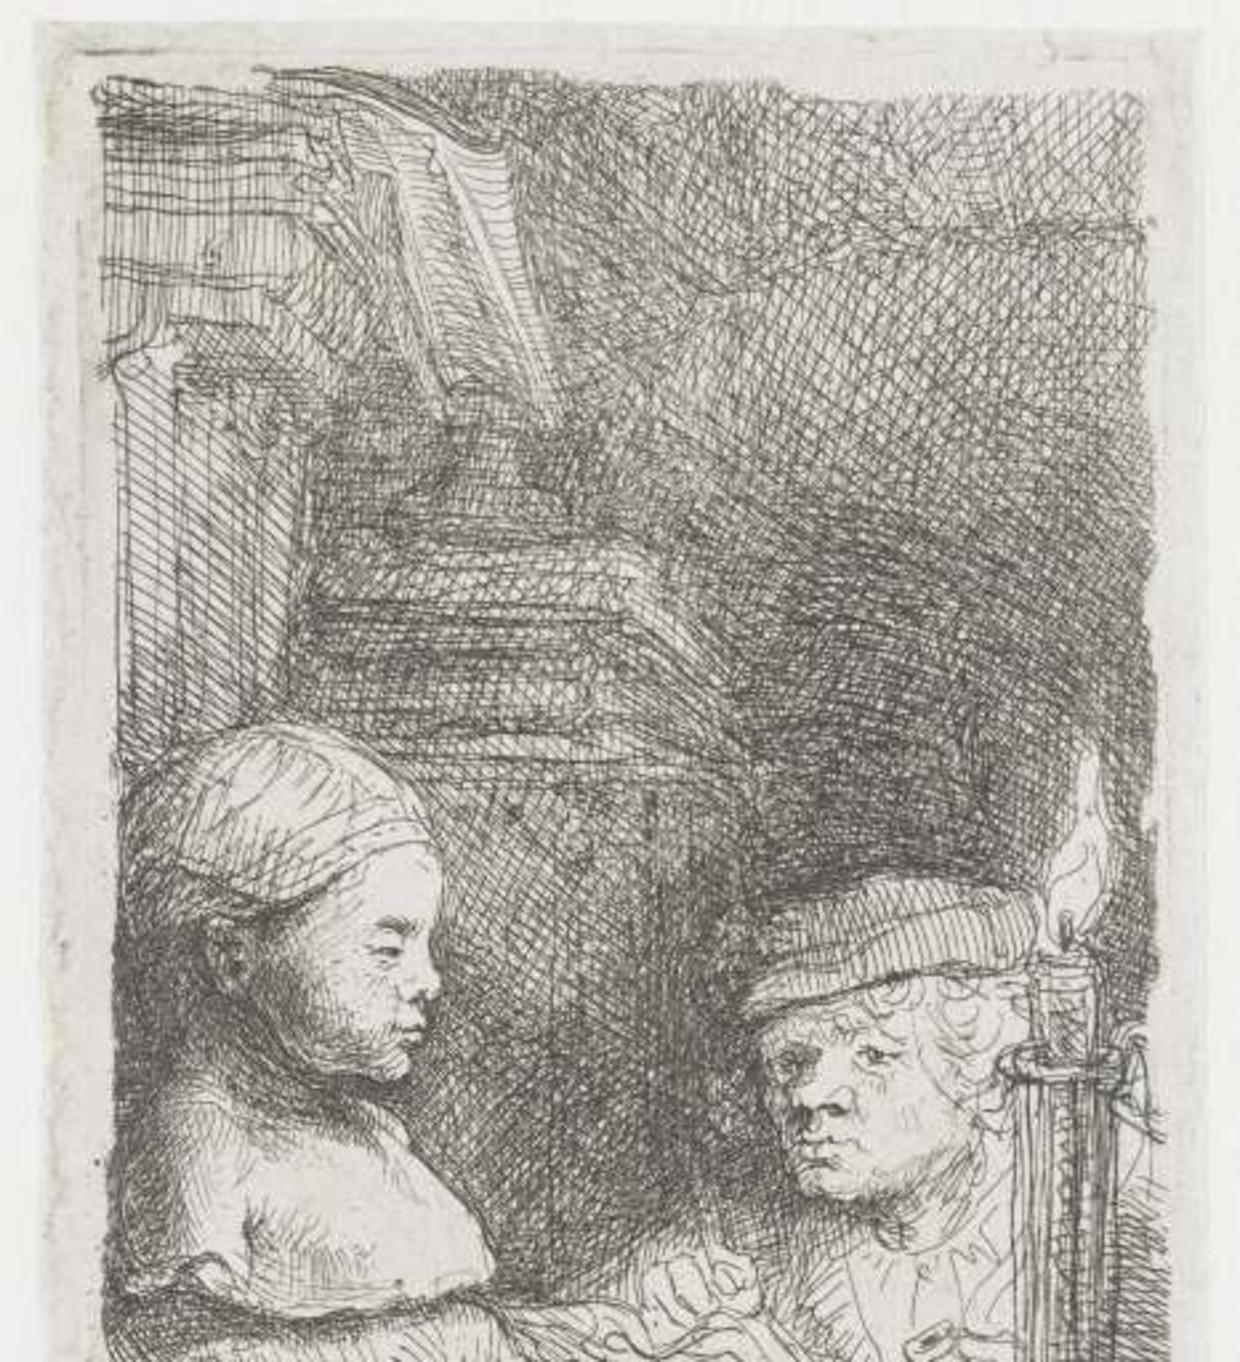 Rembrandt, Leerling tekenend naar gipsmodel. (1639-1643) Rijksmuseum.